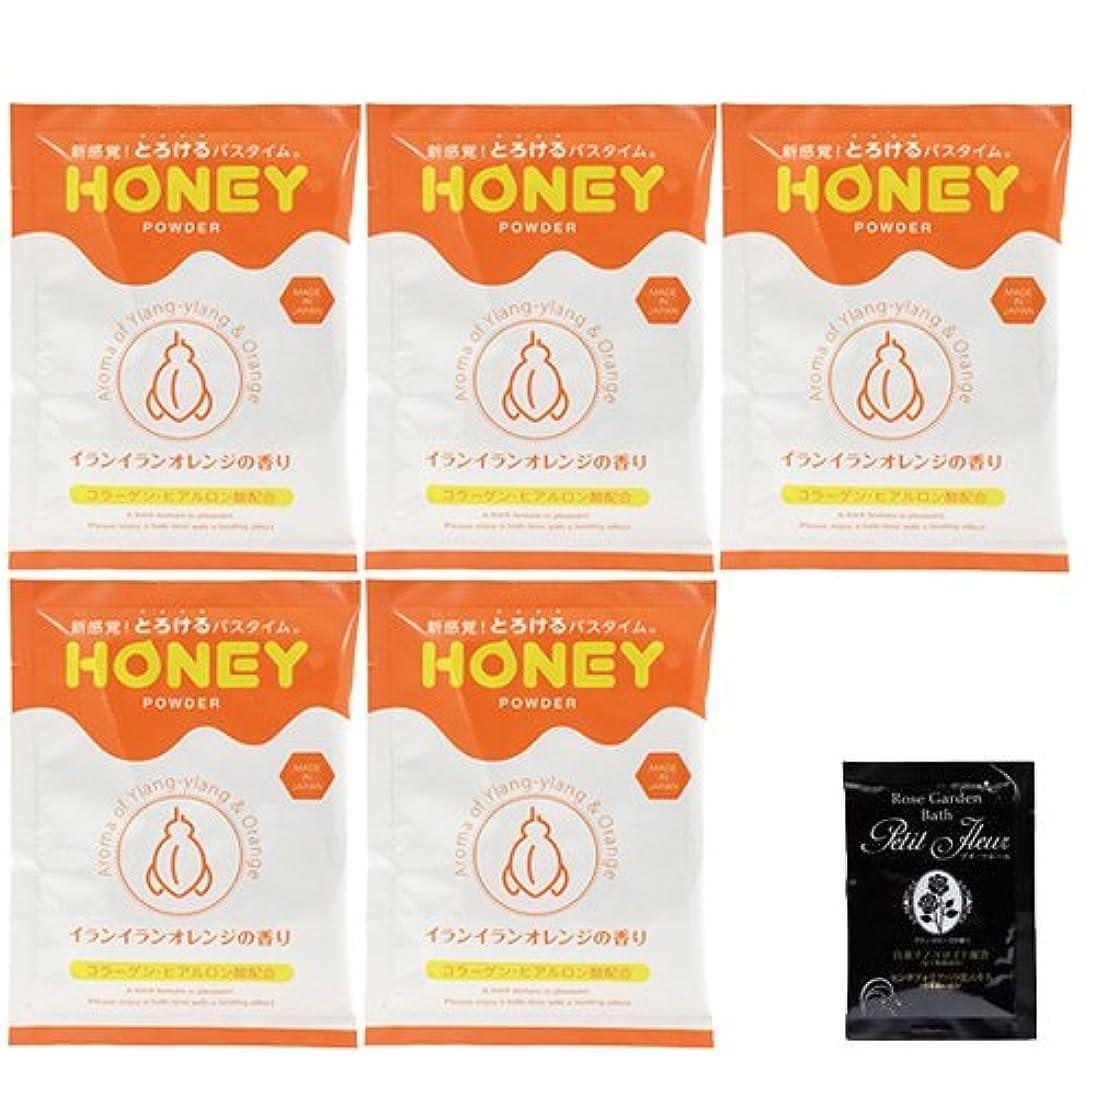 全国真面目なギャングスター【honey powder】(ハニーパウダー) イランイランオレンジの香り 粉末タイプ×5個 + 入浴剤プチフルール1回分セット